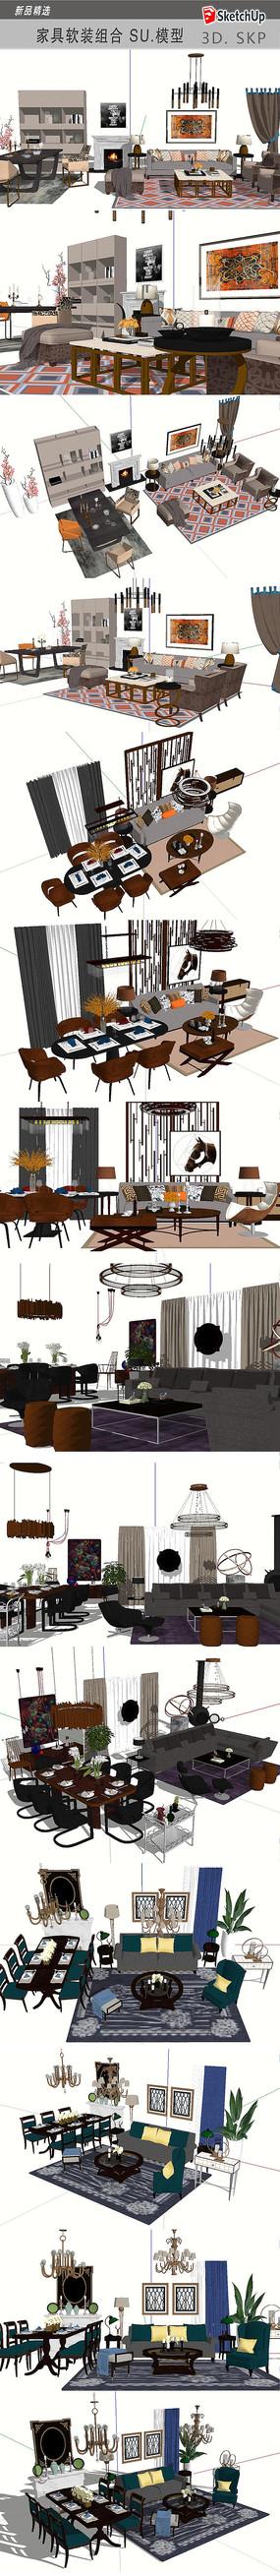 欧式客厅家具模型